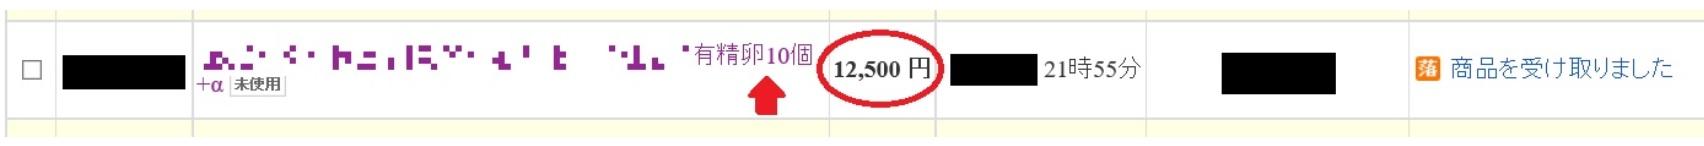 メダカの有精卵が10個で12500円で売れた証拠画像